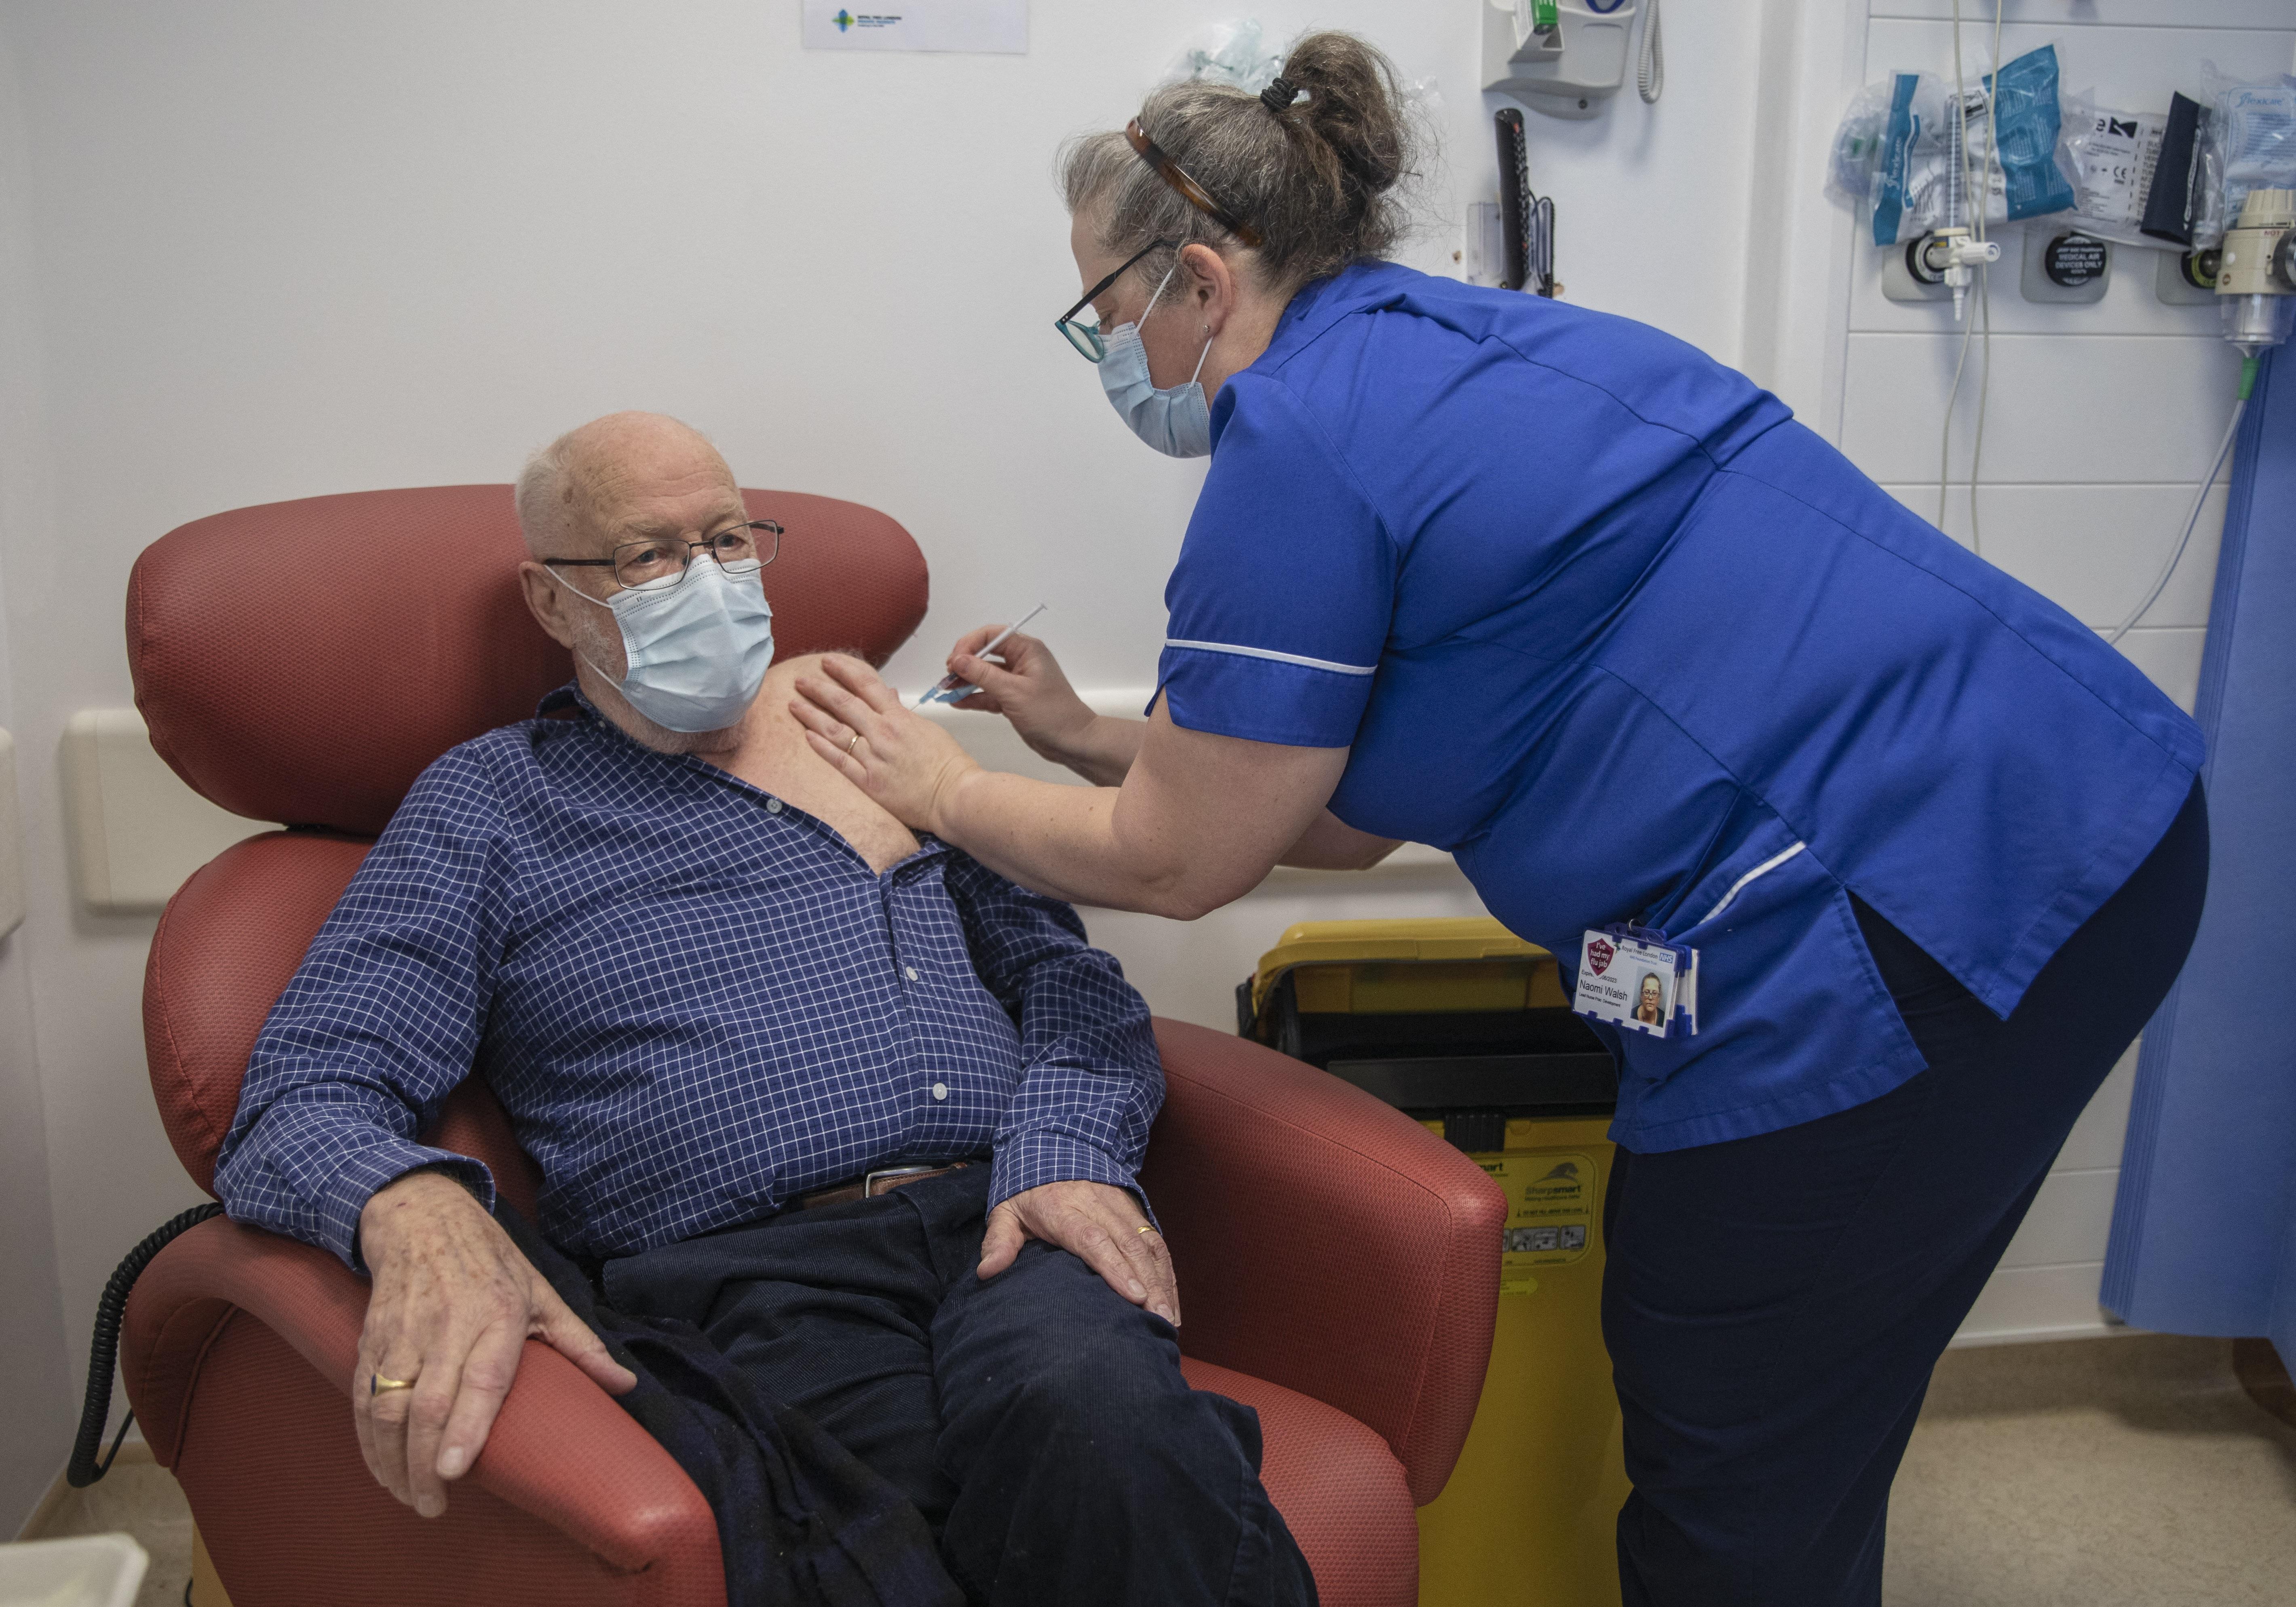 【冠状病毒19】英国已为所有50岁以上和高危人士接种首剂疫苗